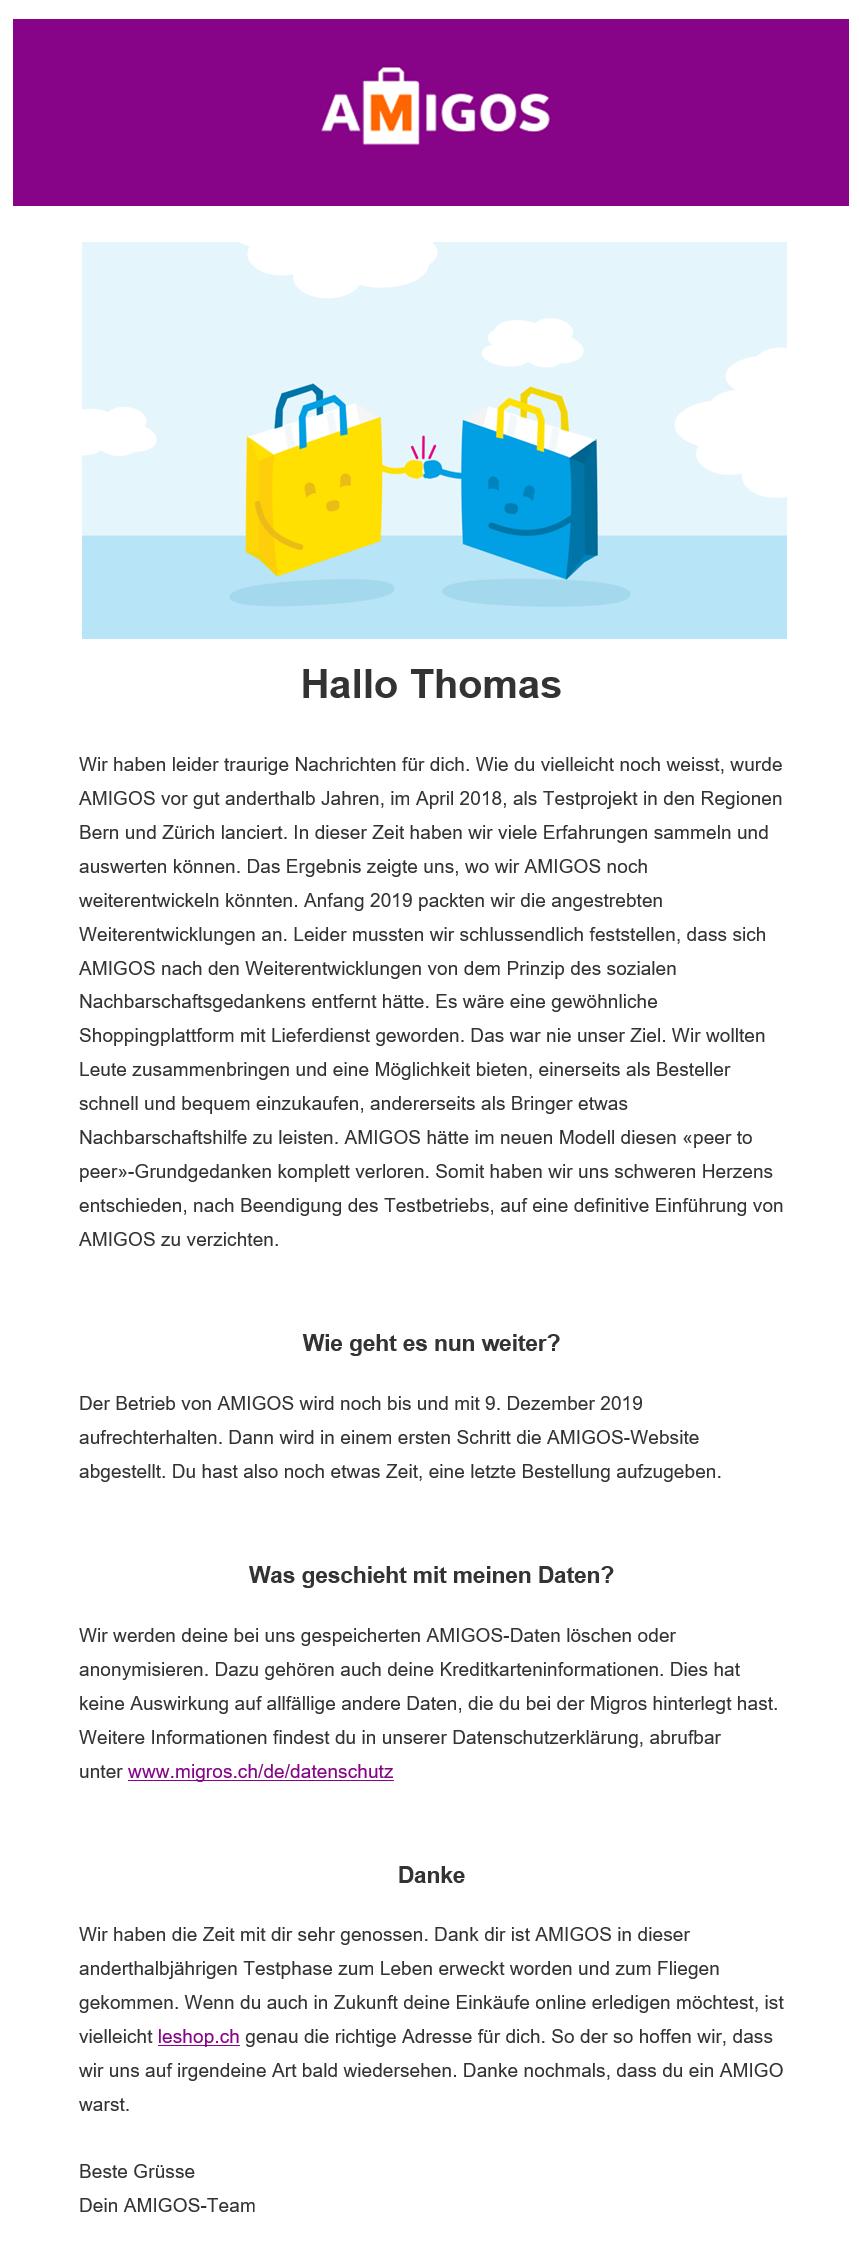 Information der Migros an die AMIGOS Nutzer